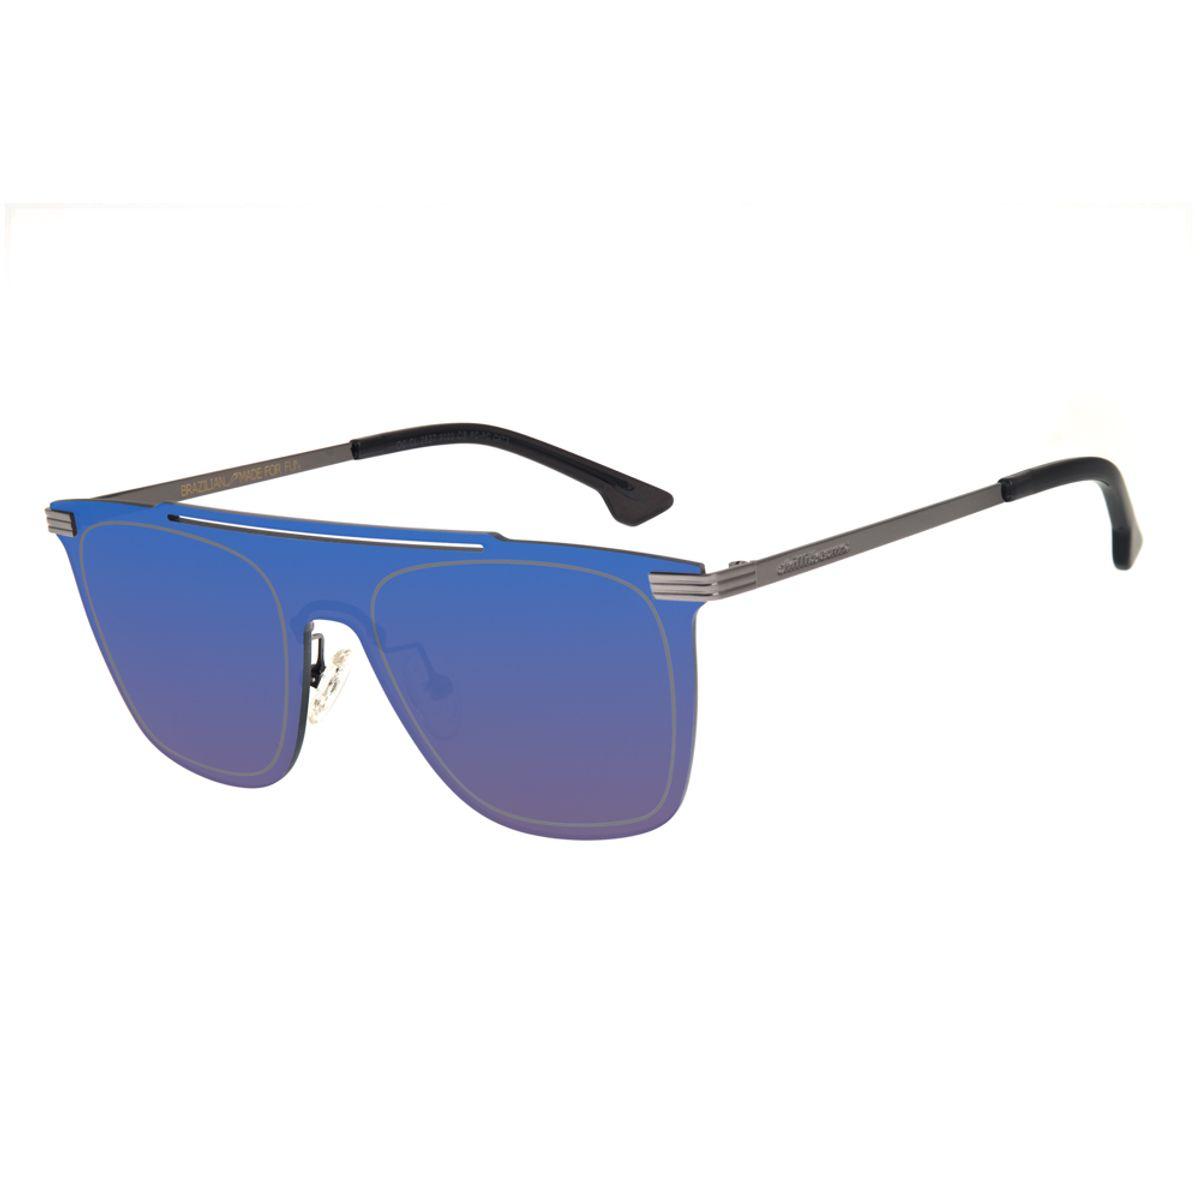 7b9a02558 Óculos de Sol Chilli Beans Masculino Máscara Espelhado Azul - Chilli ...